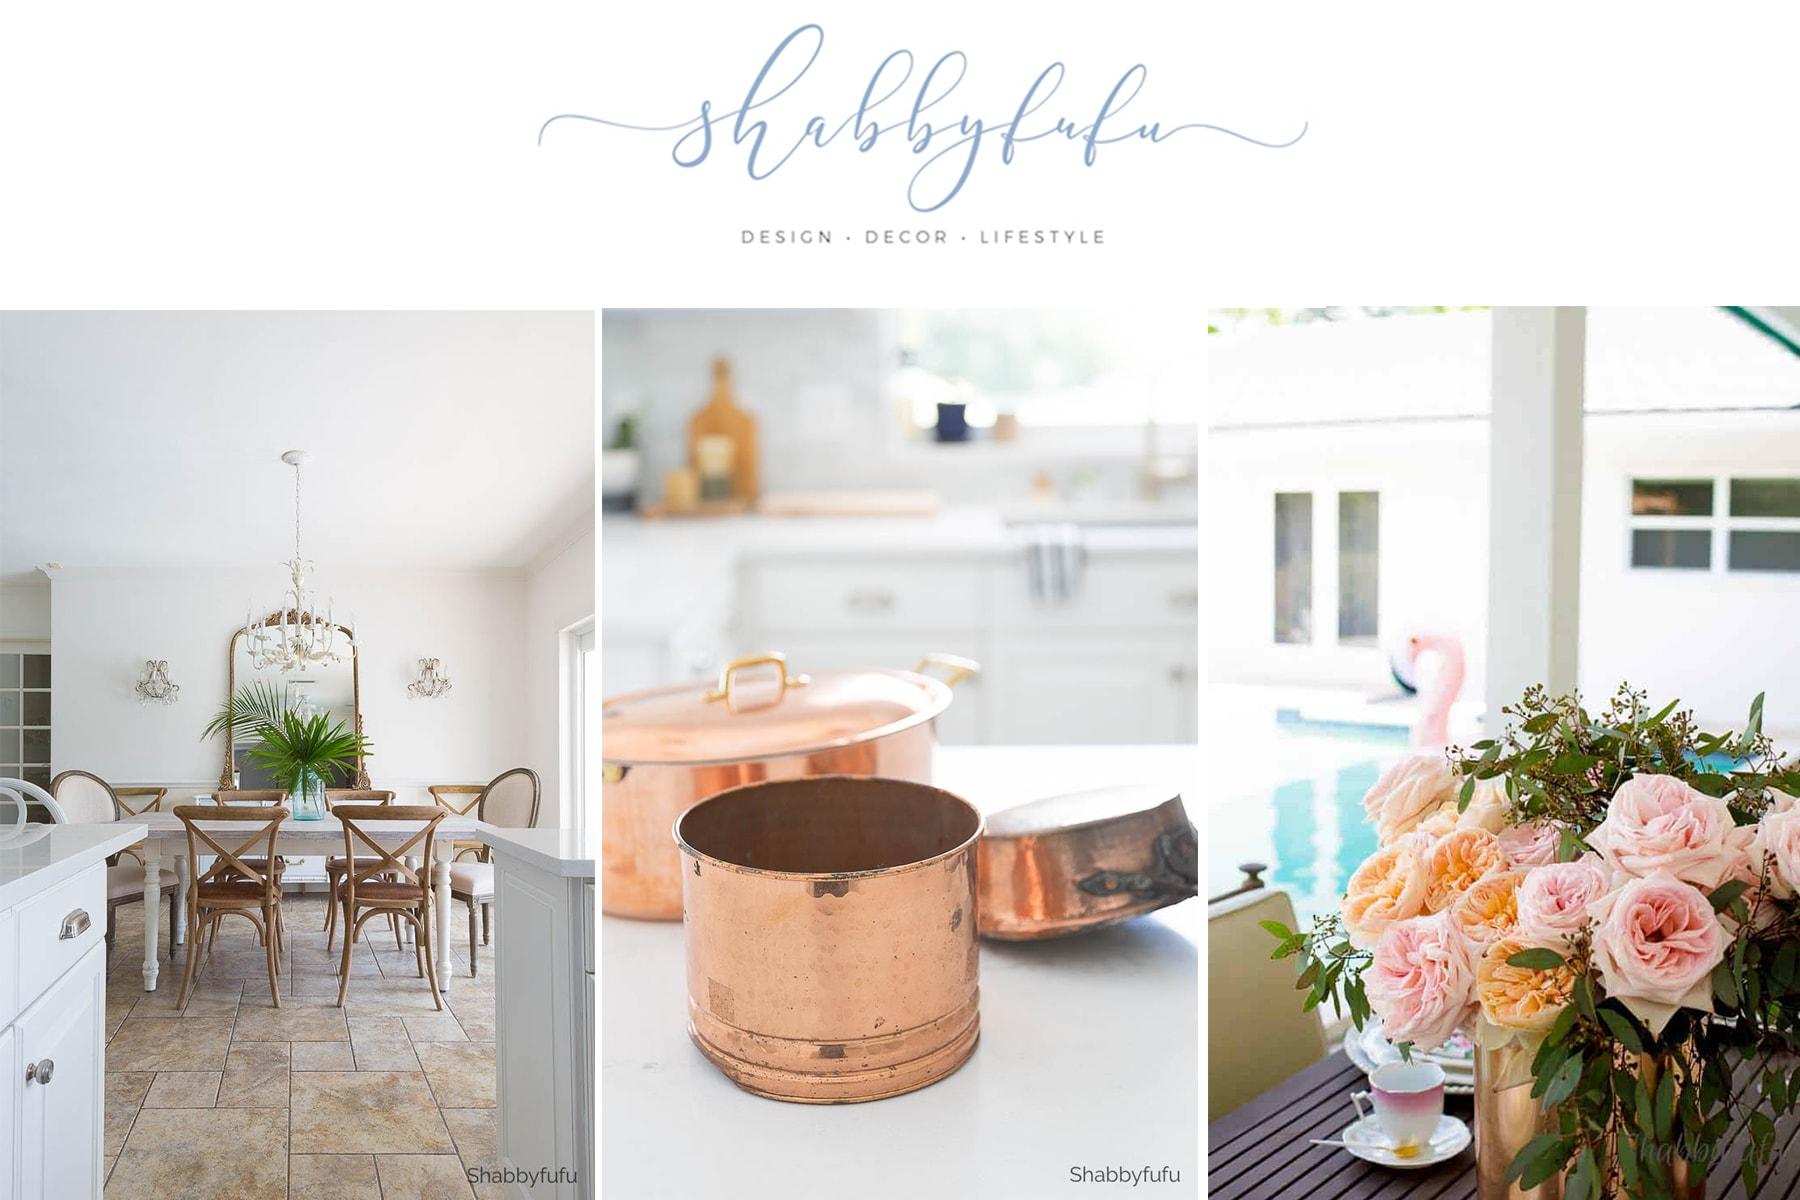 Style Showcase 41 - Shabbyfyfu.com